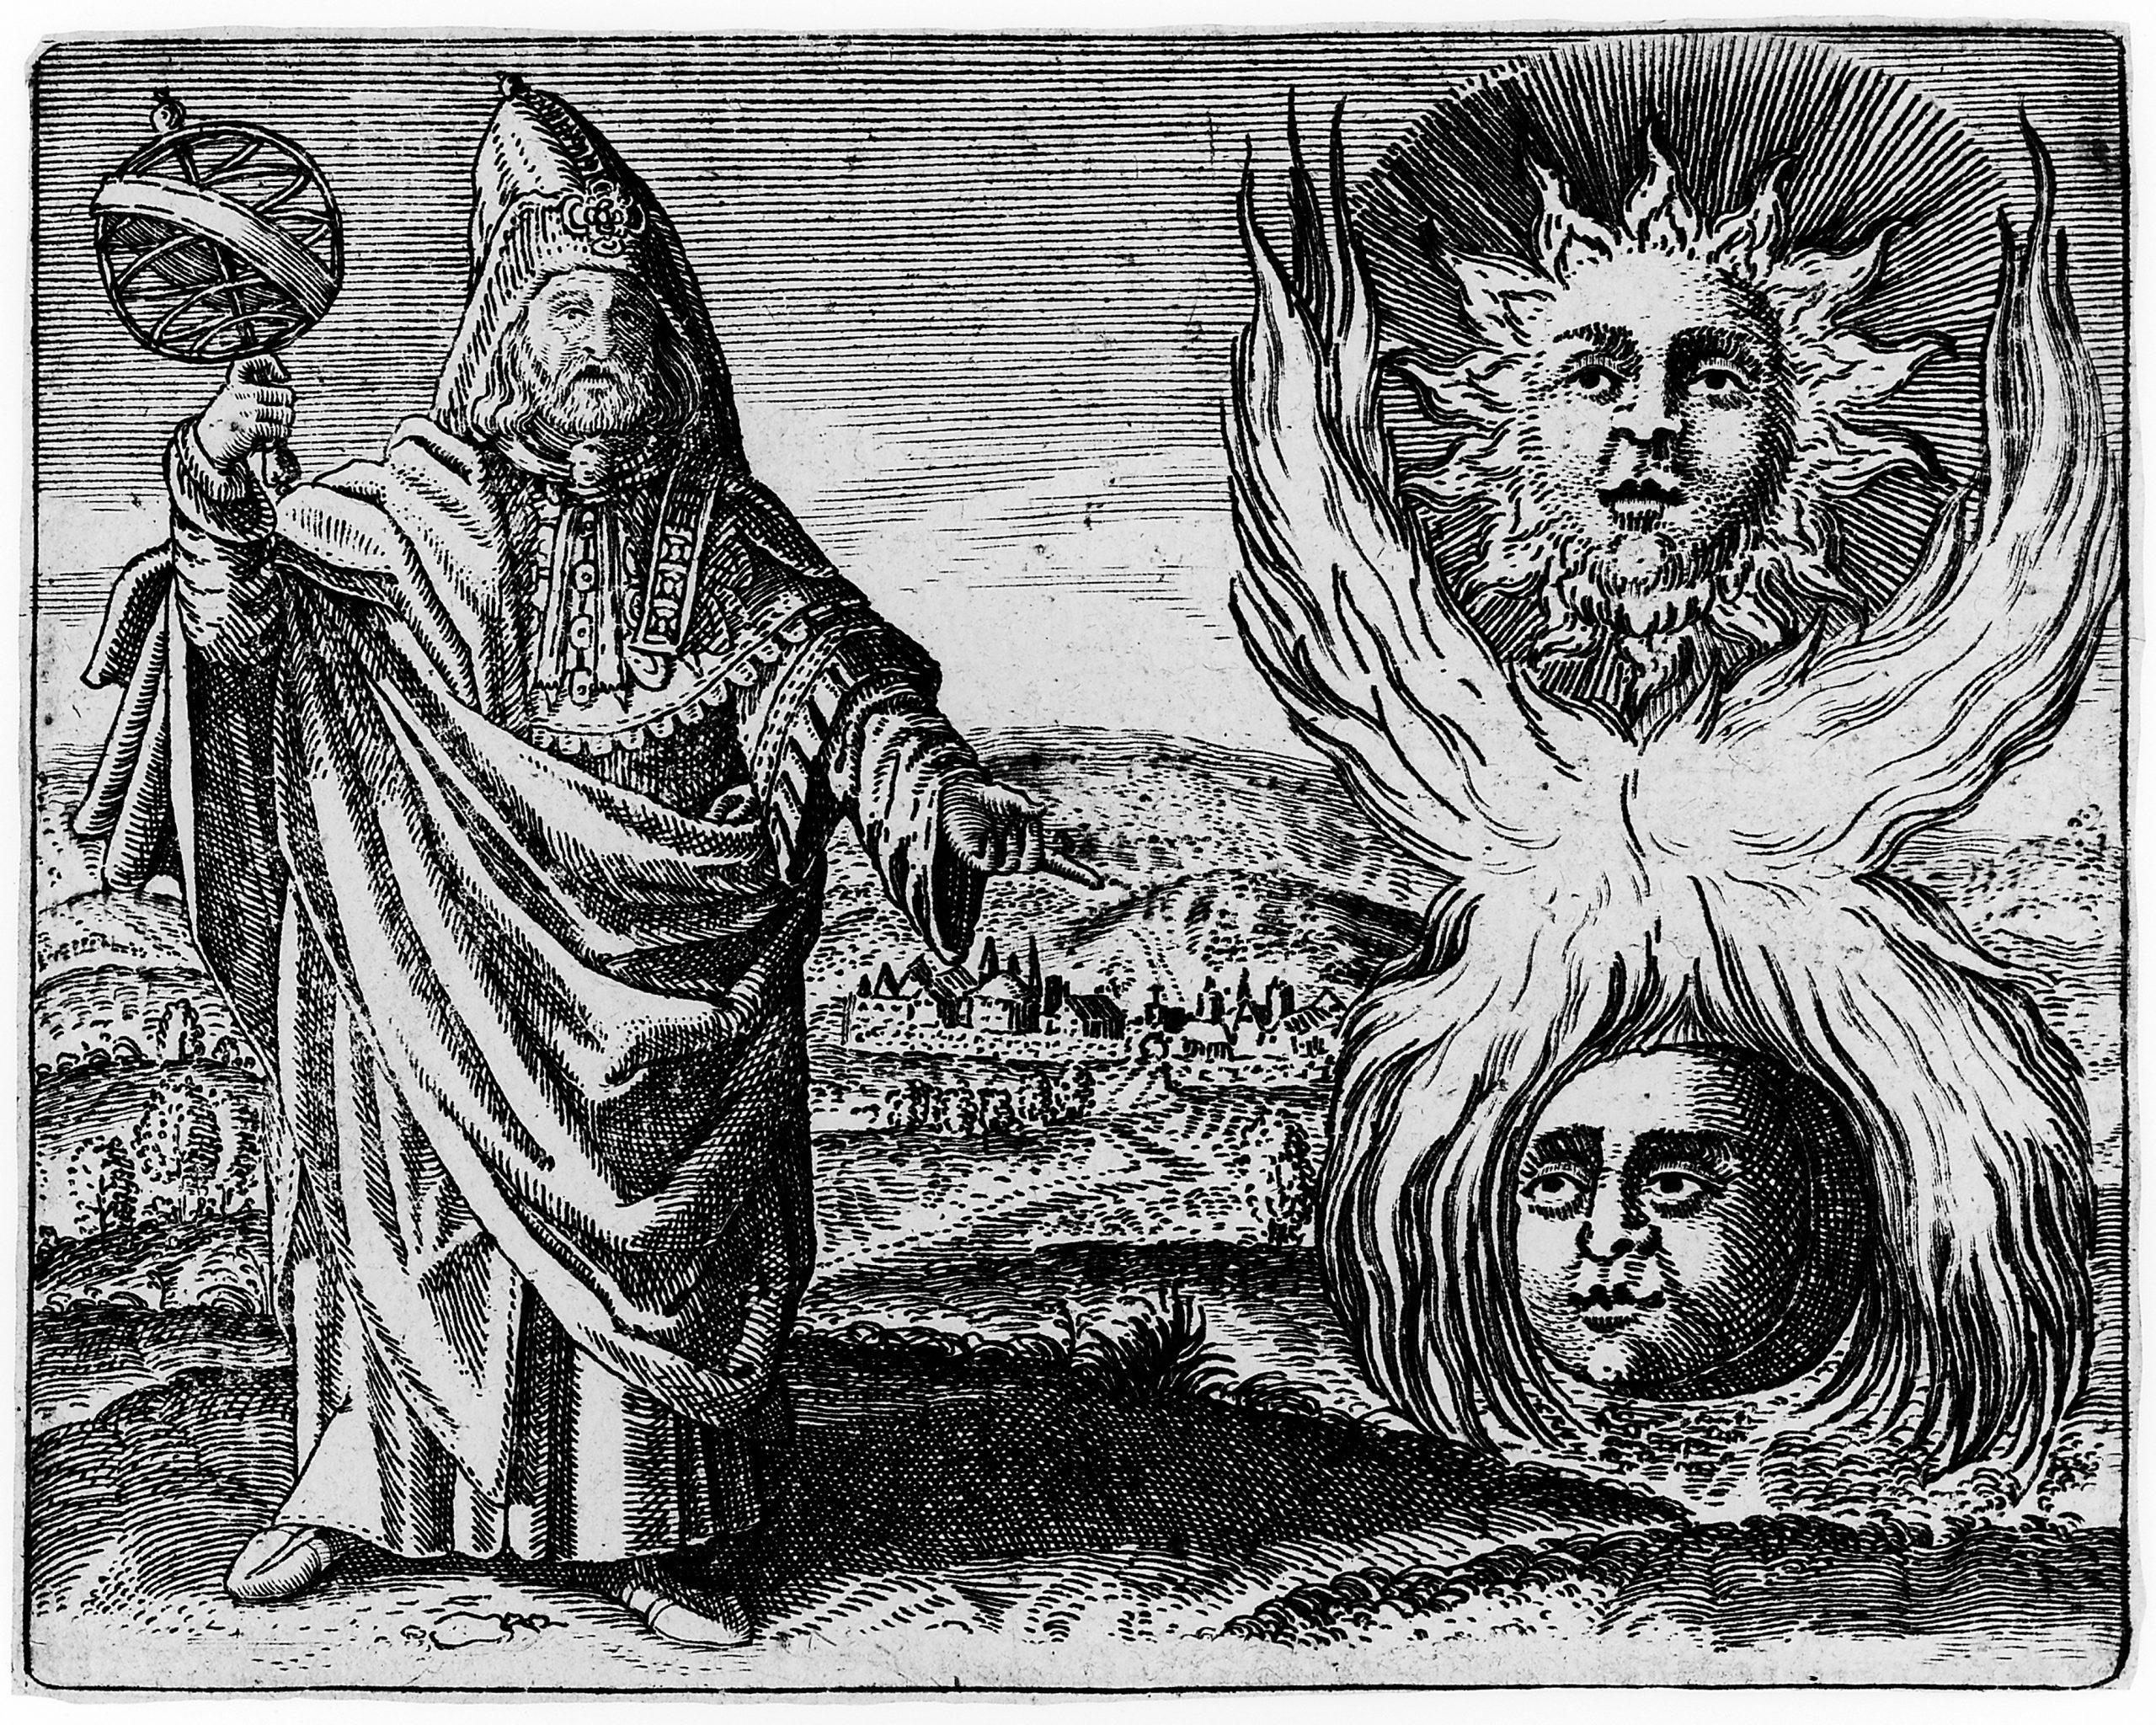 De strijd van geest, ziel en lichaam in de hermetica